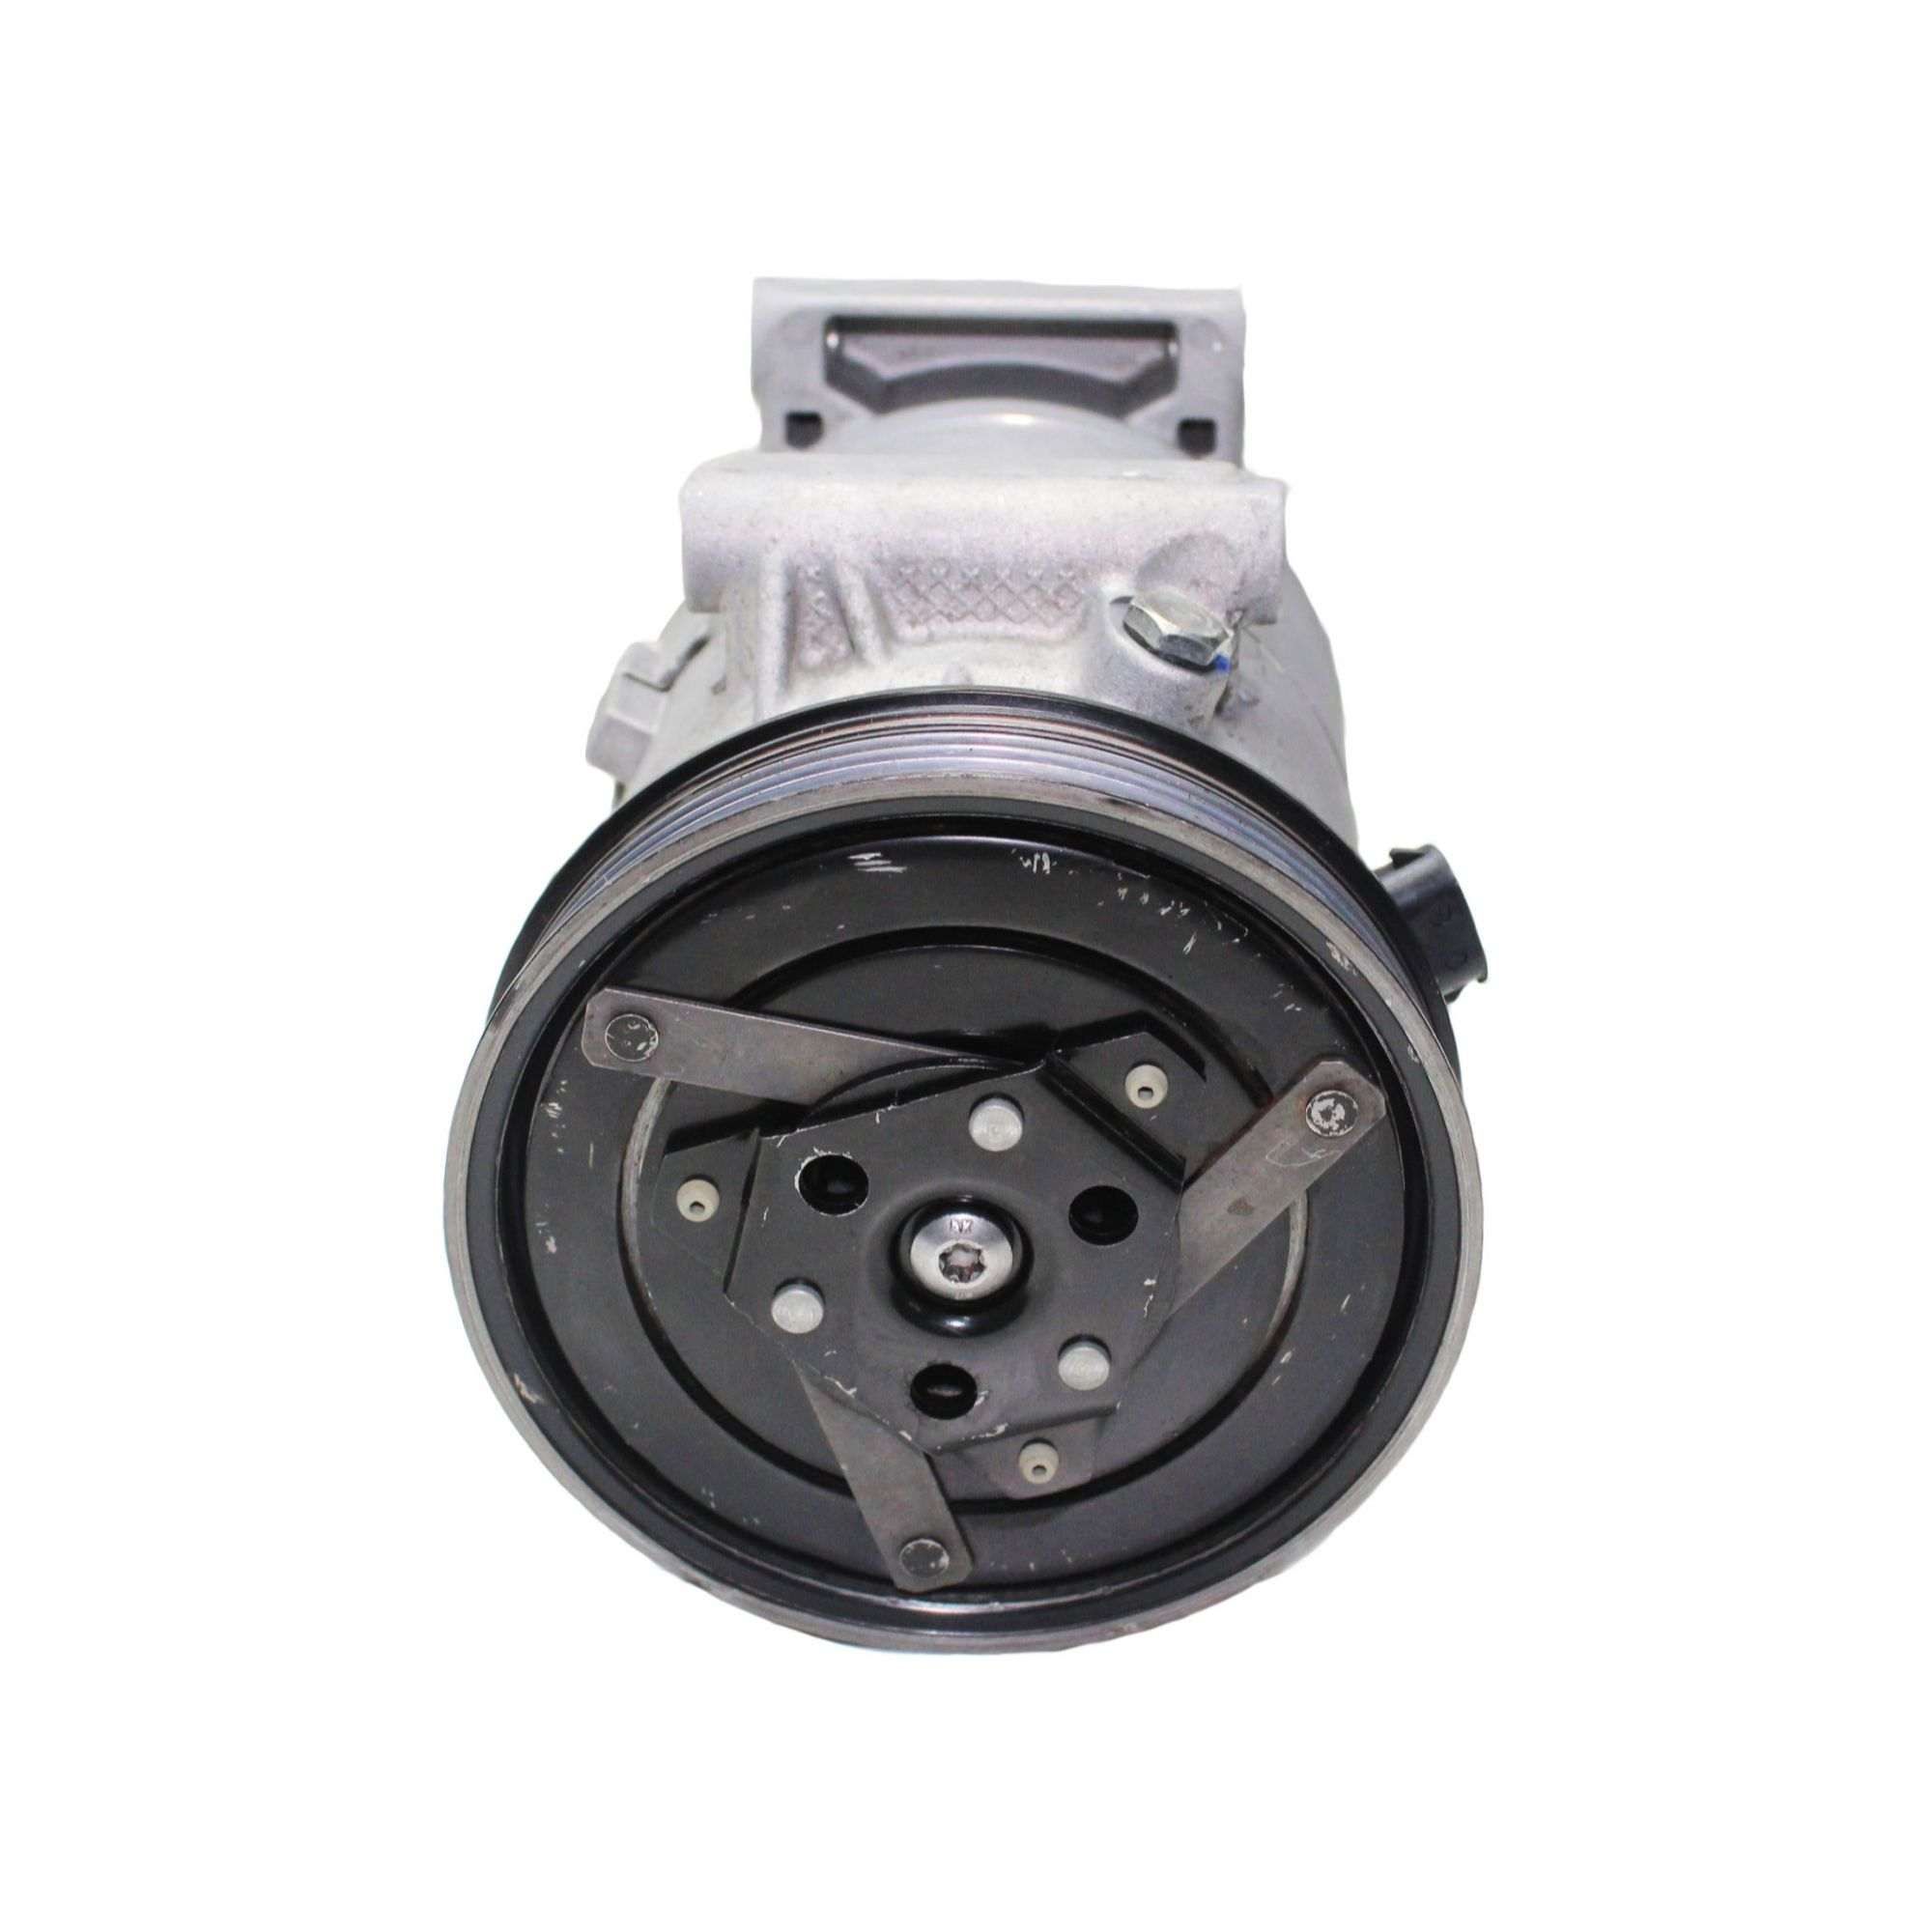 Compressor Delphi Megane, Grand Tour - 1.6 16v Flex 2006...